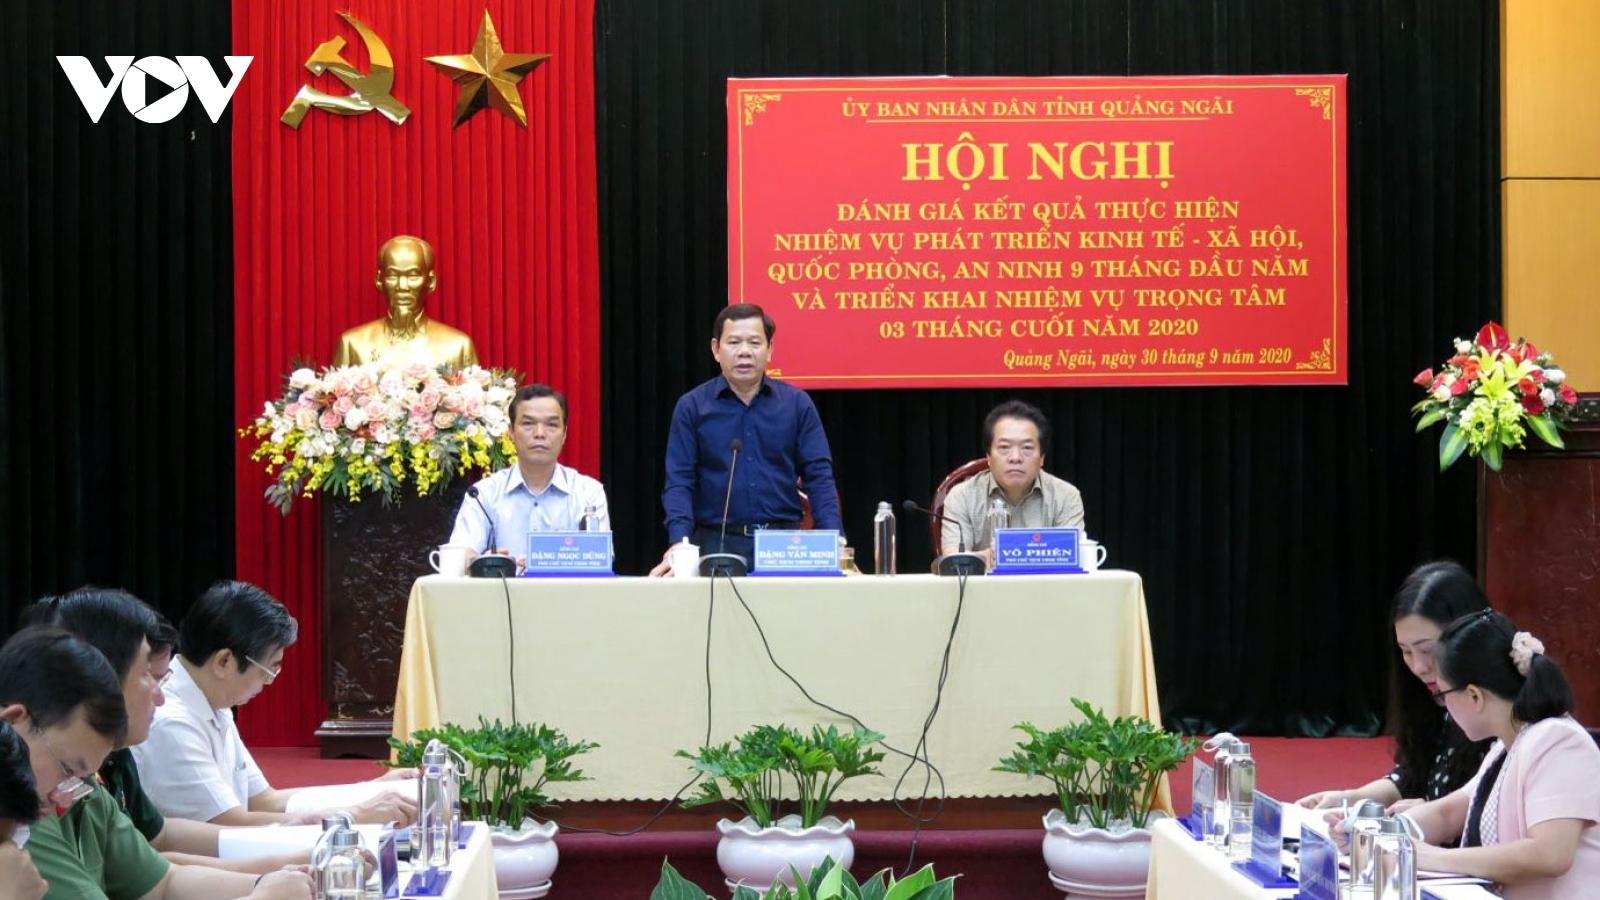 Chủ tịch Quảng Ngãi: Cán bộ còn trì trệ trong thực thi công việc